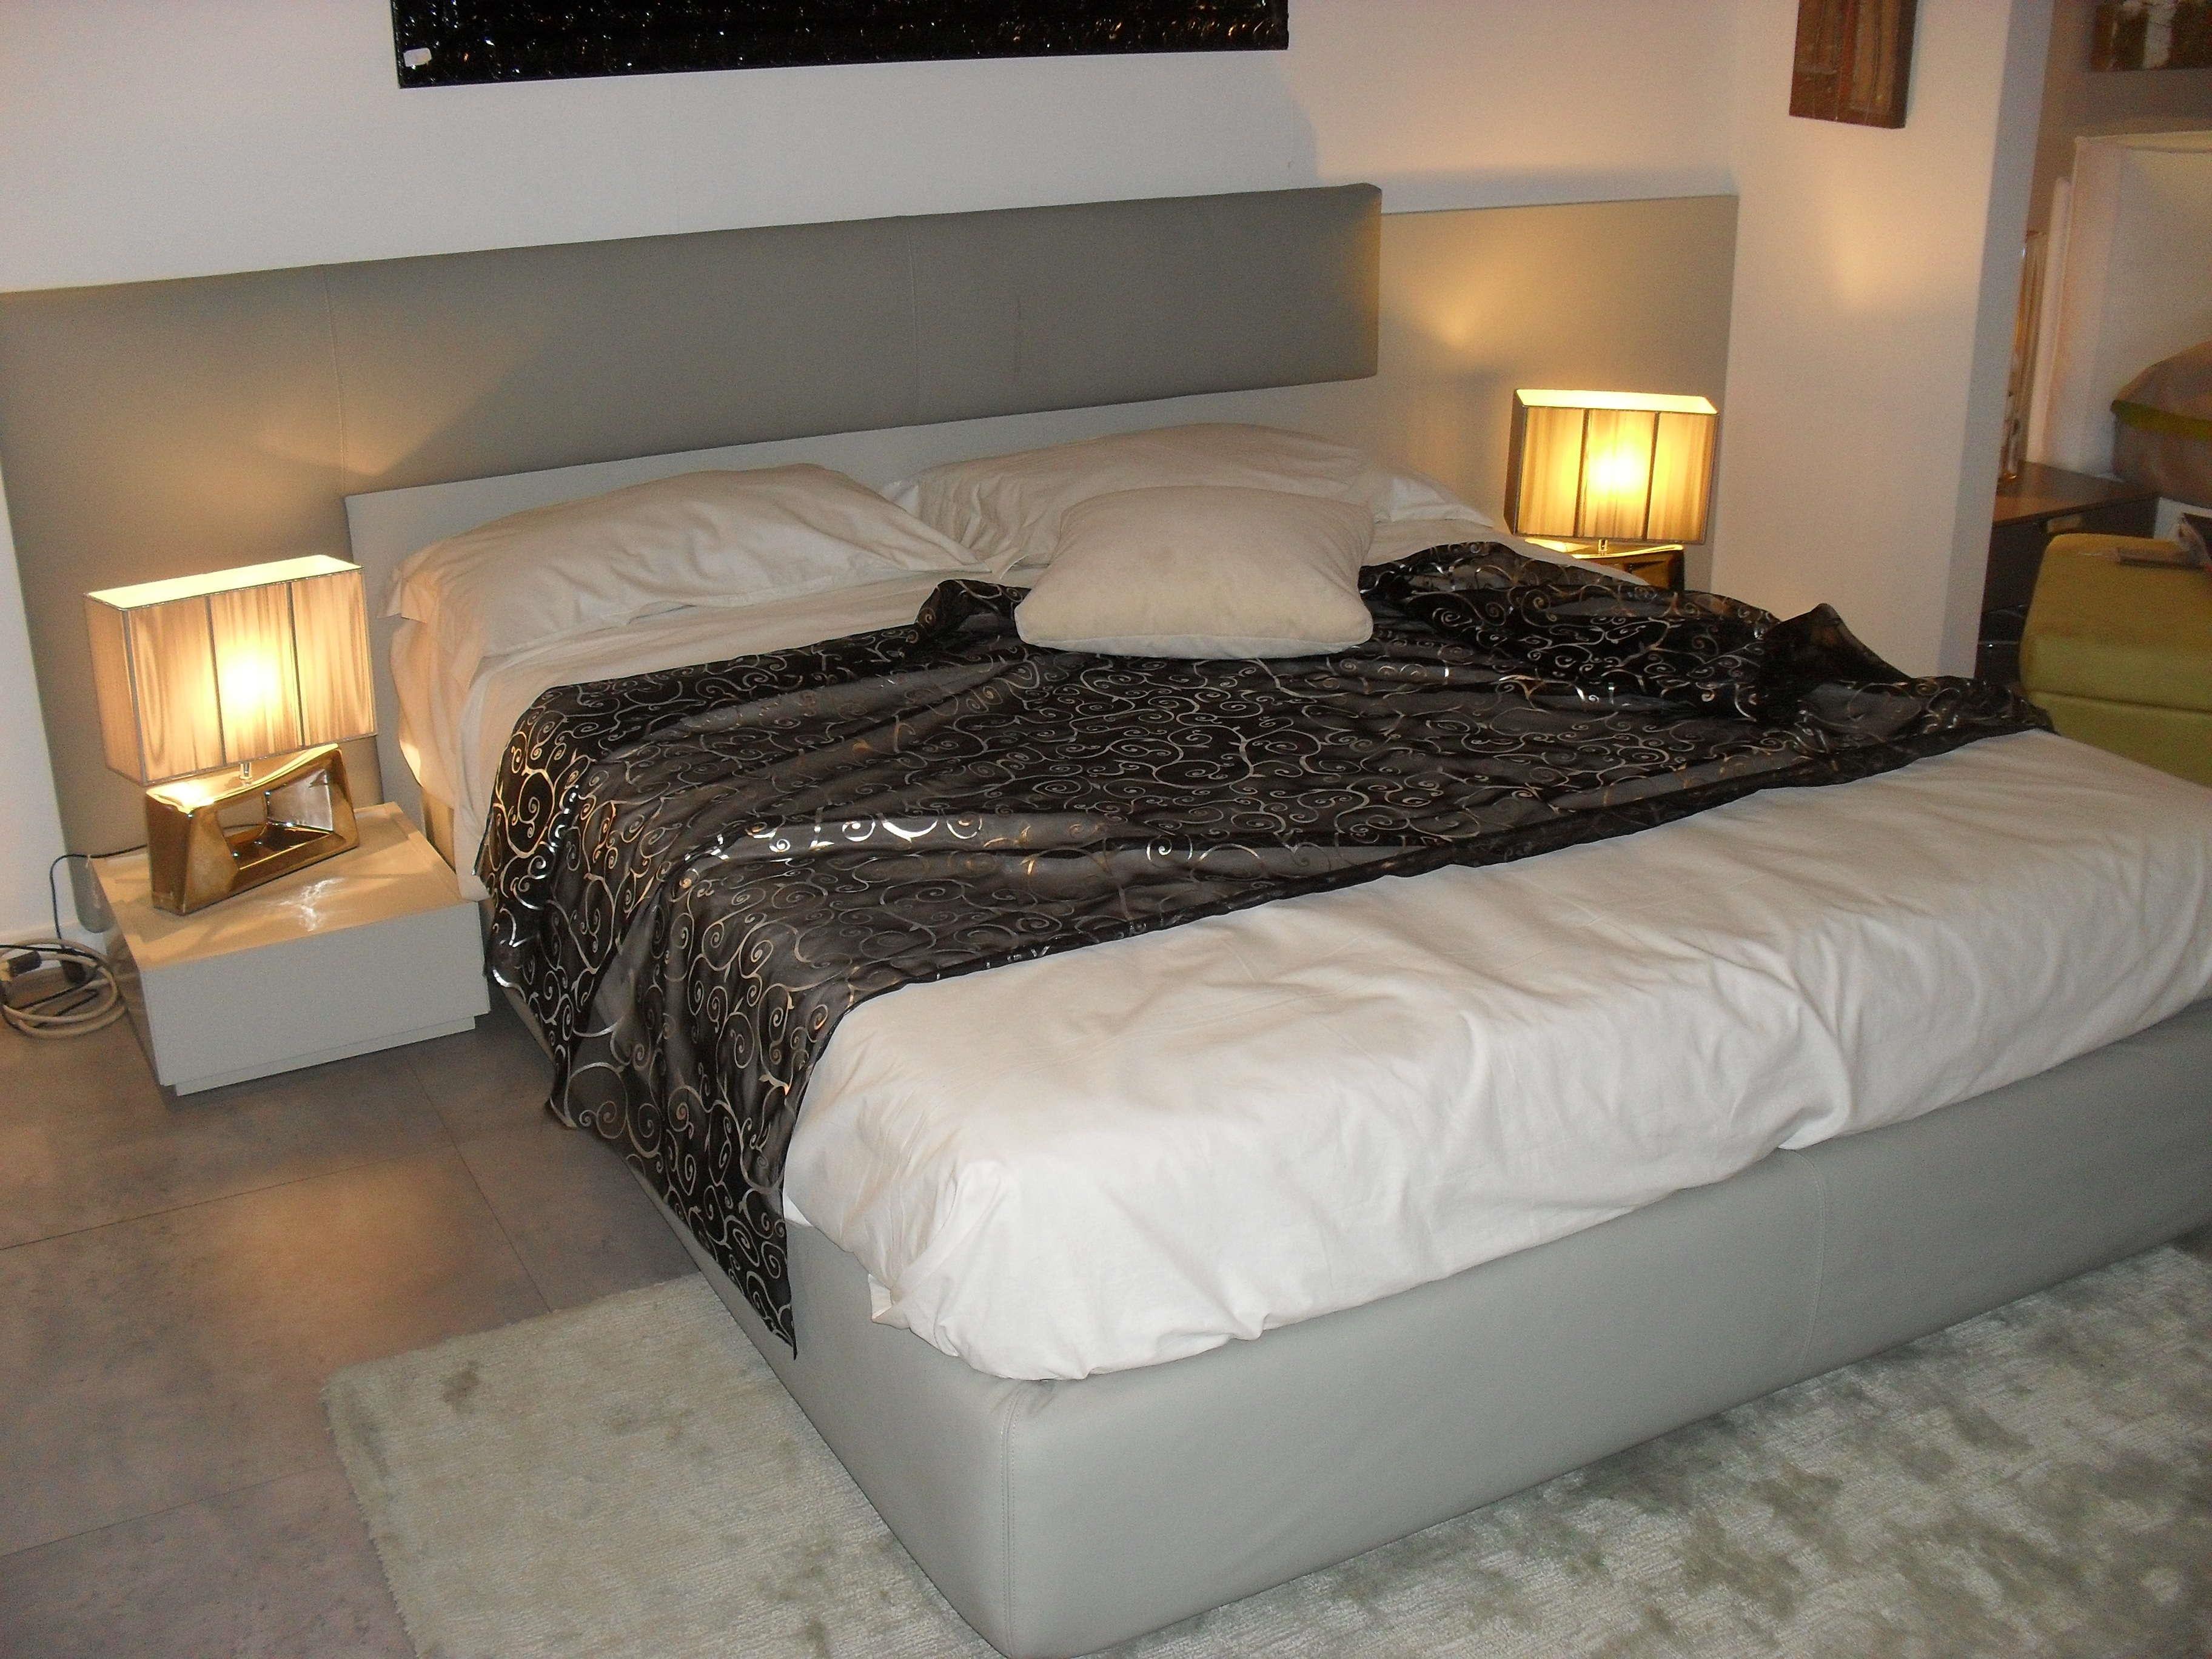 Camera da letto freccia prezzo camera da letto in for Comodini salvaspazio